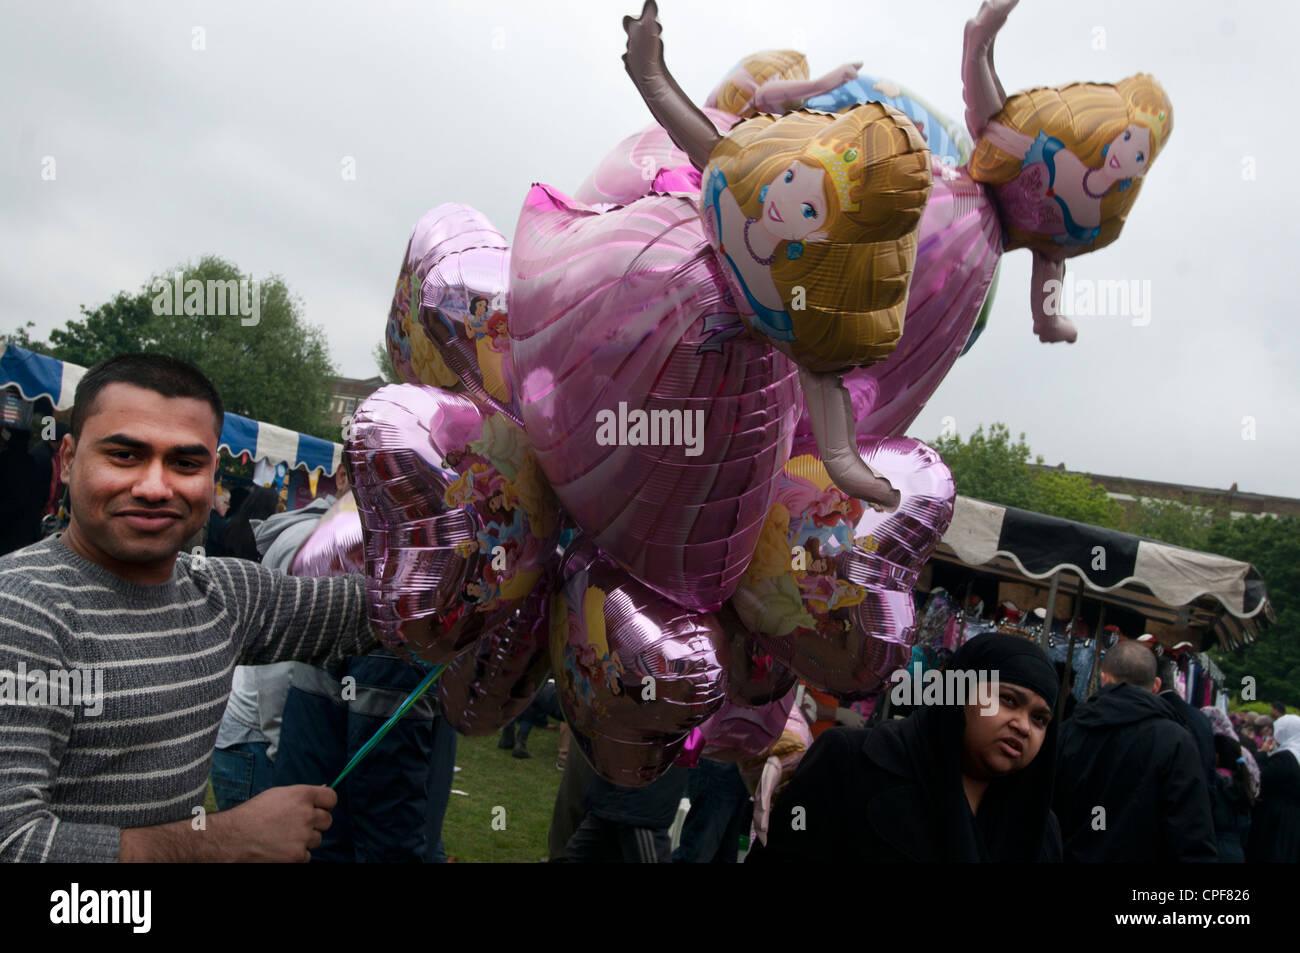 Boishakhi Mela, celebration for Bangladesh New Year. Bangladeshi man selling helium Cinderella balloons - Stock Image